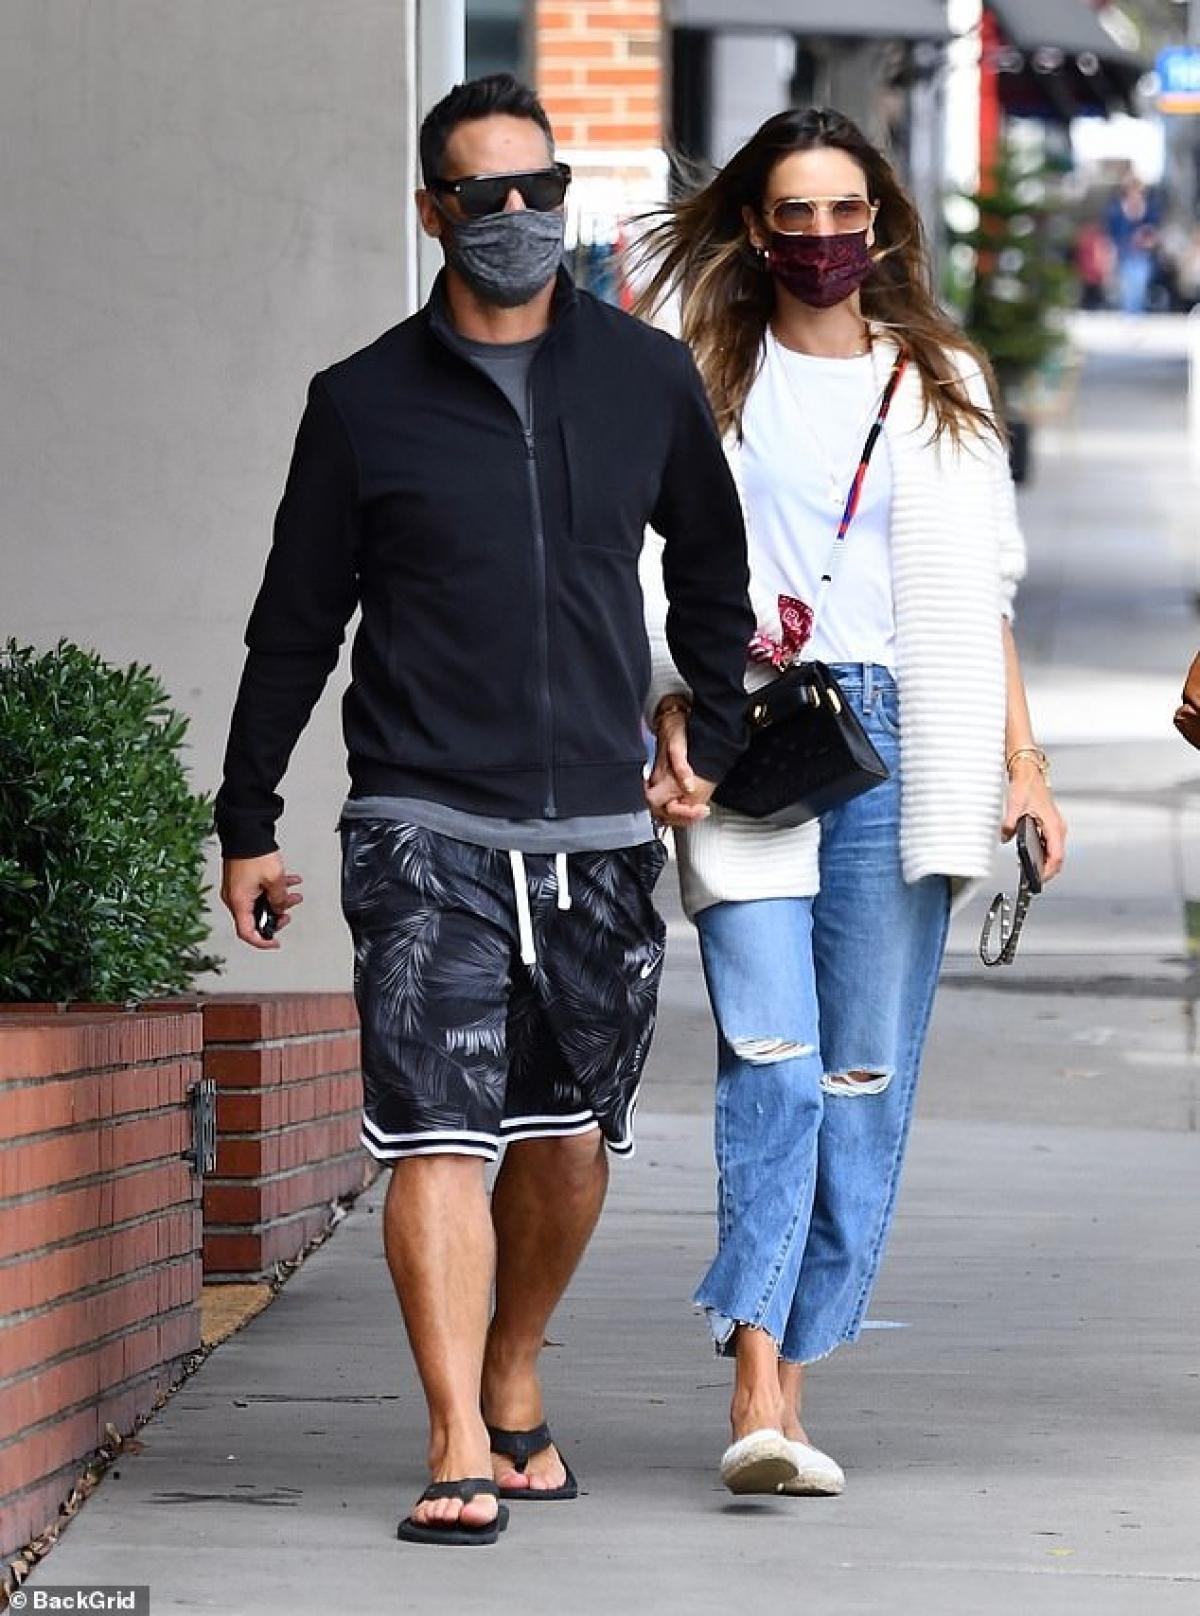 Cả hai cũng từng bị cánh săn ảnh bắt gặp khi đi chơi và ăn tối với nhau vào tháng trước ở Nobu Malibu.